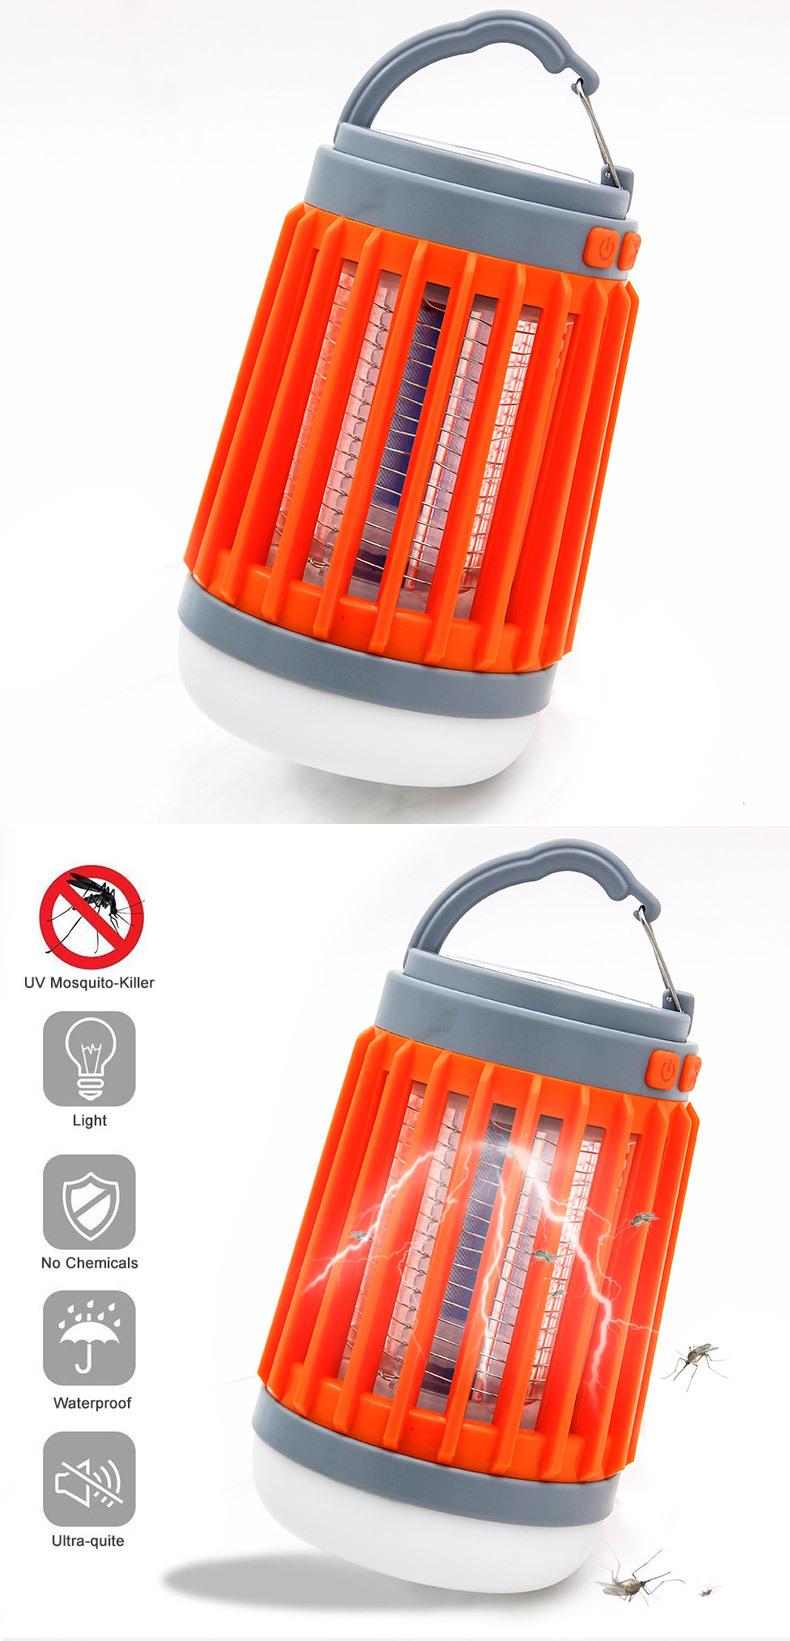 Ánh đèn điện thiên thạch, đèn pin, công cộng, phun nước, USB, công cụ ánh sáng bắt muỗi, bình xịt ch